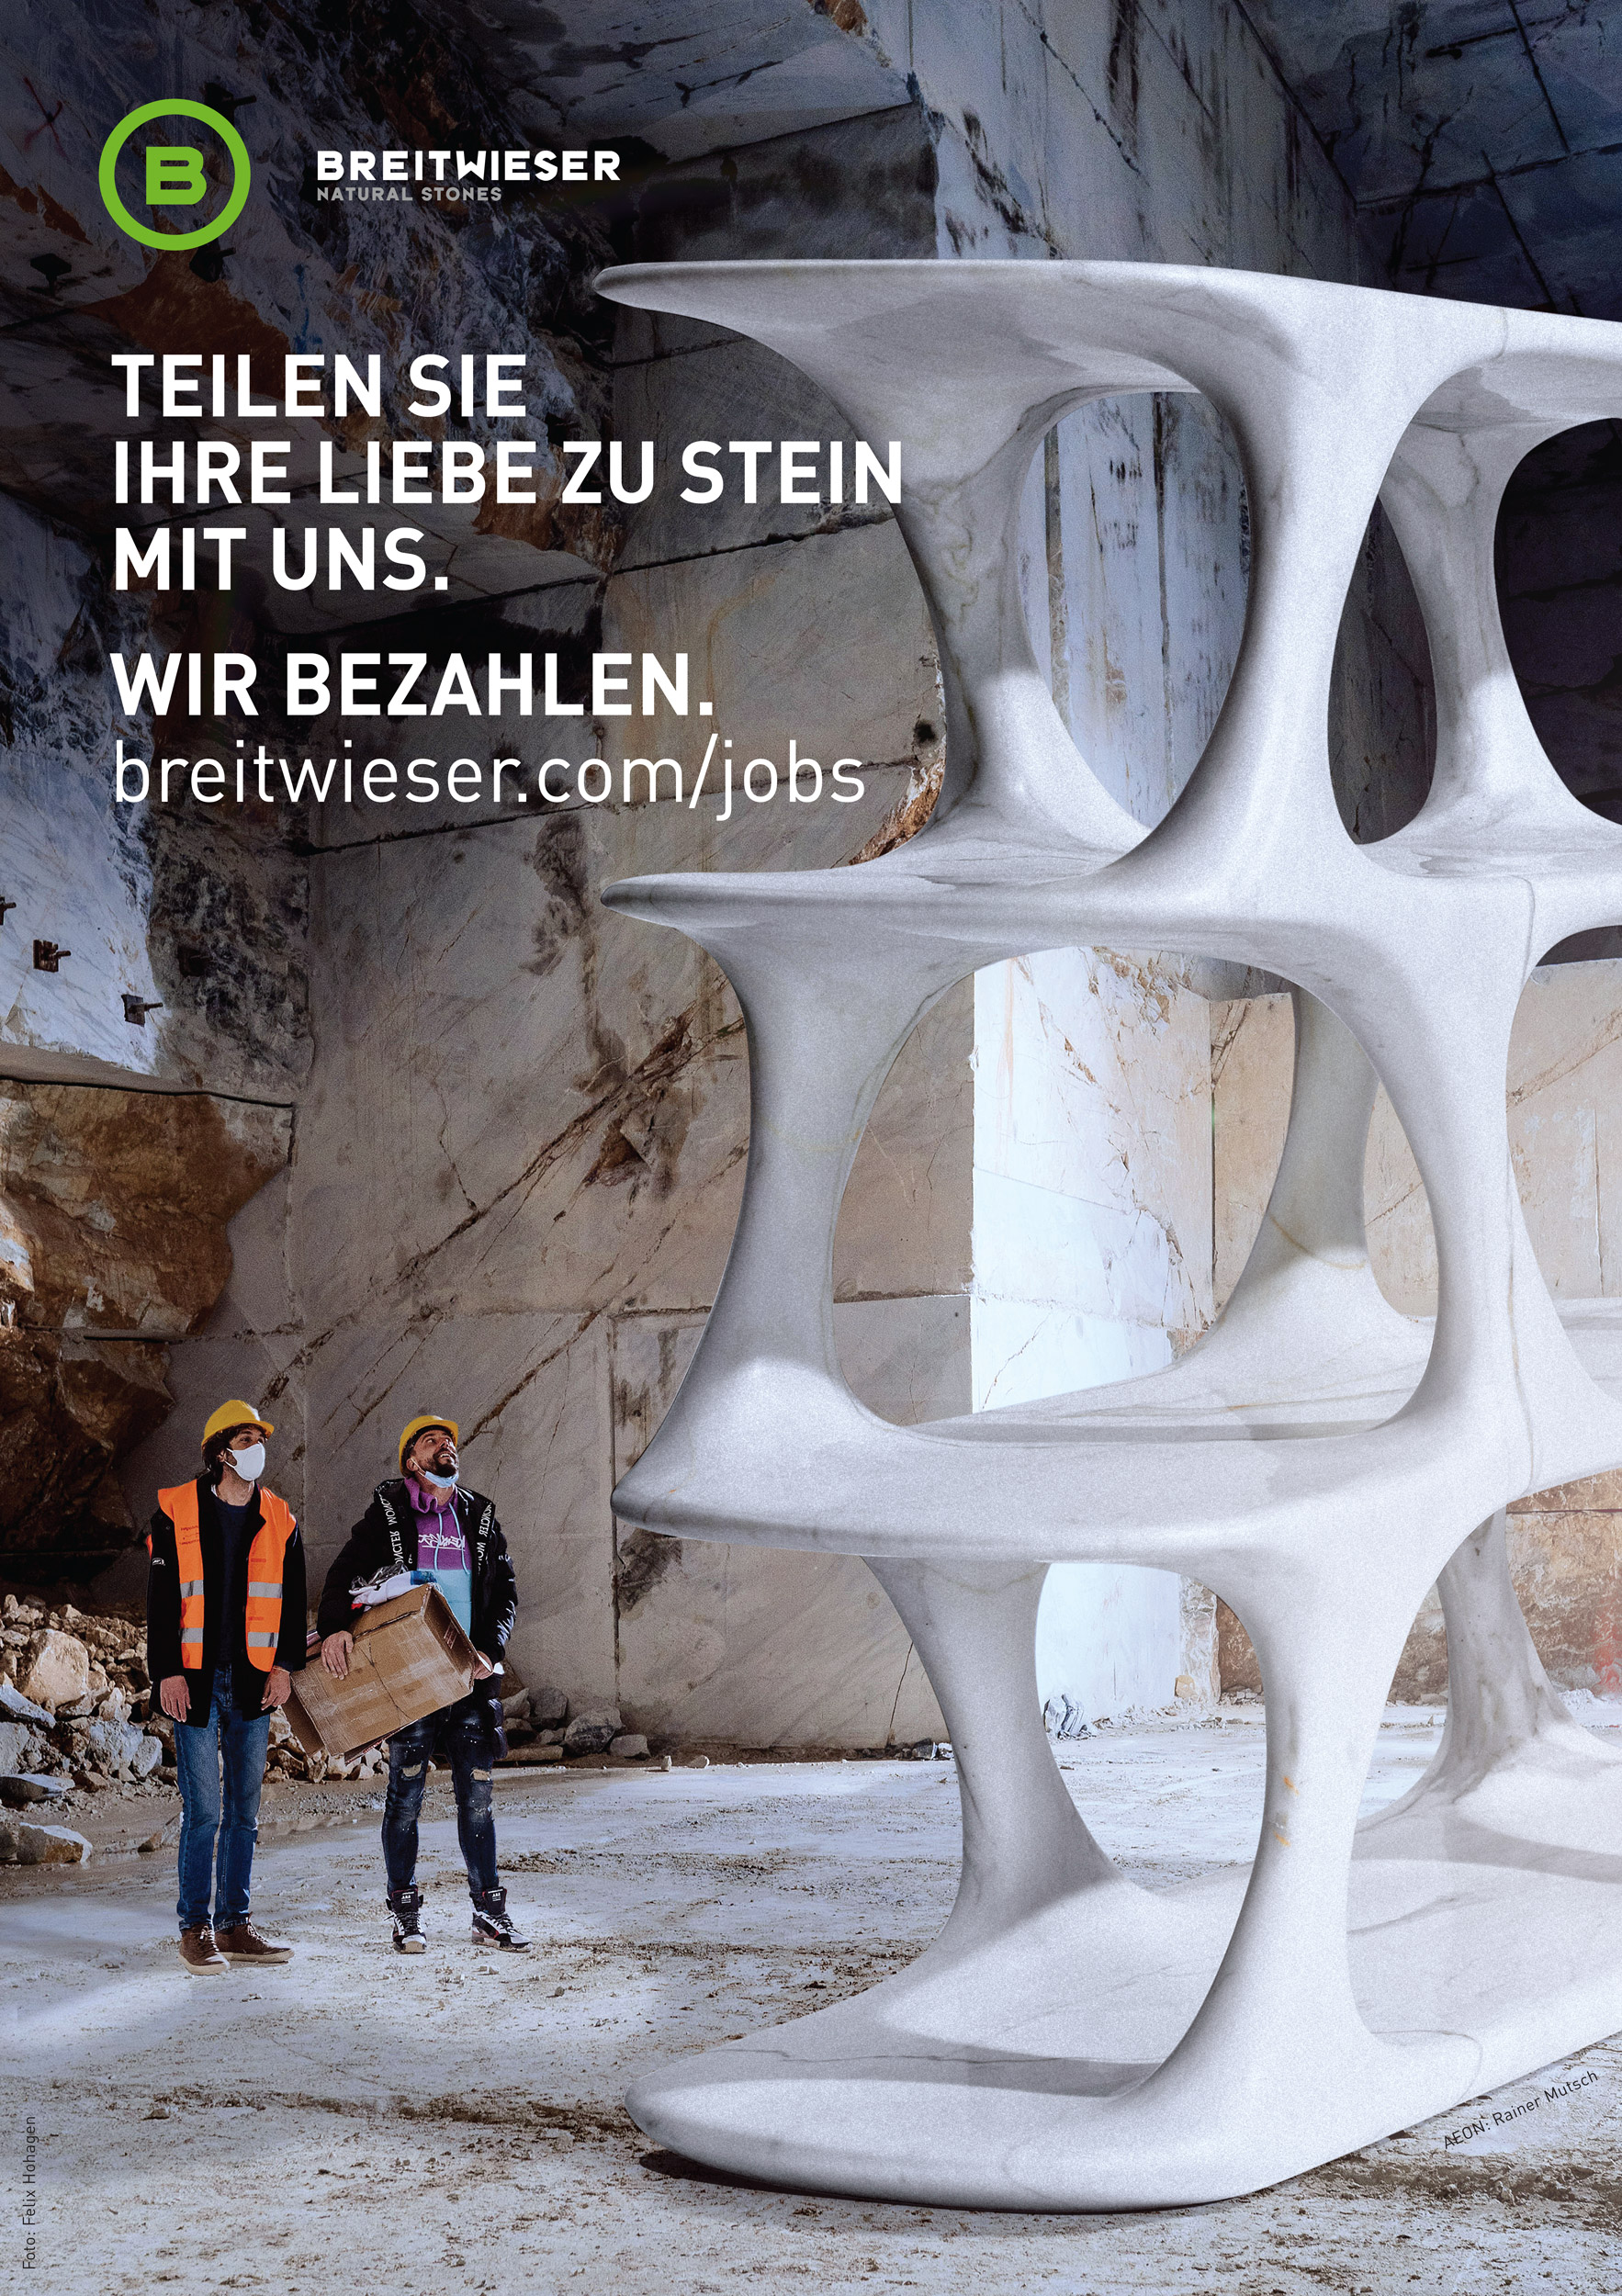 Jobs bei der Breitwieser GmbH – Breitwieser zählt mittlerweile zu Österreichs führenden Betrieben für die Verarbeitung und den internationalen Handel von exklusivem Naturstein.